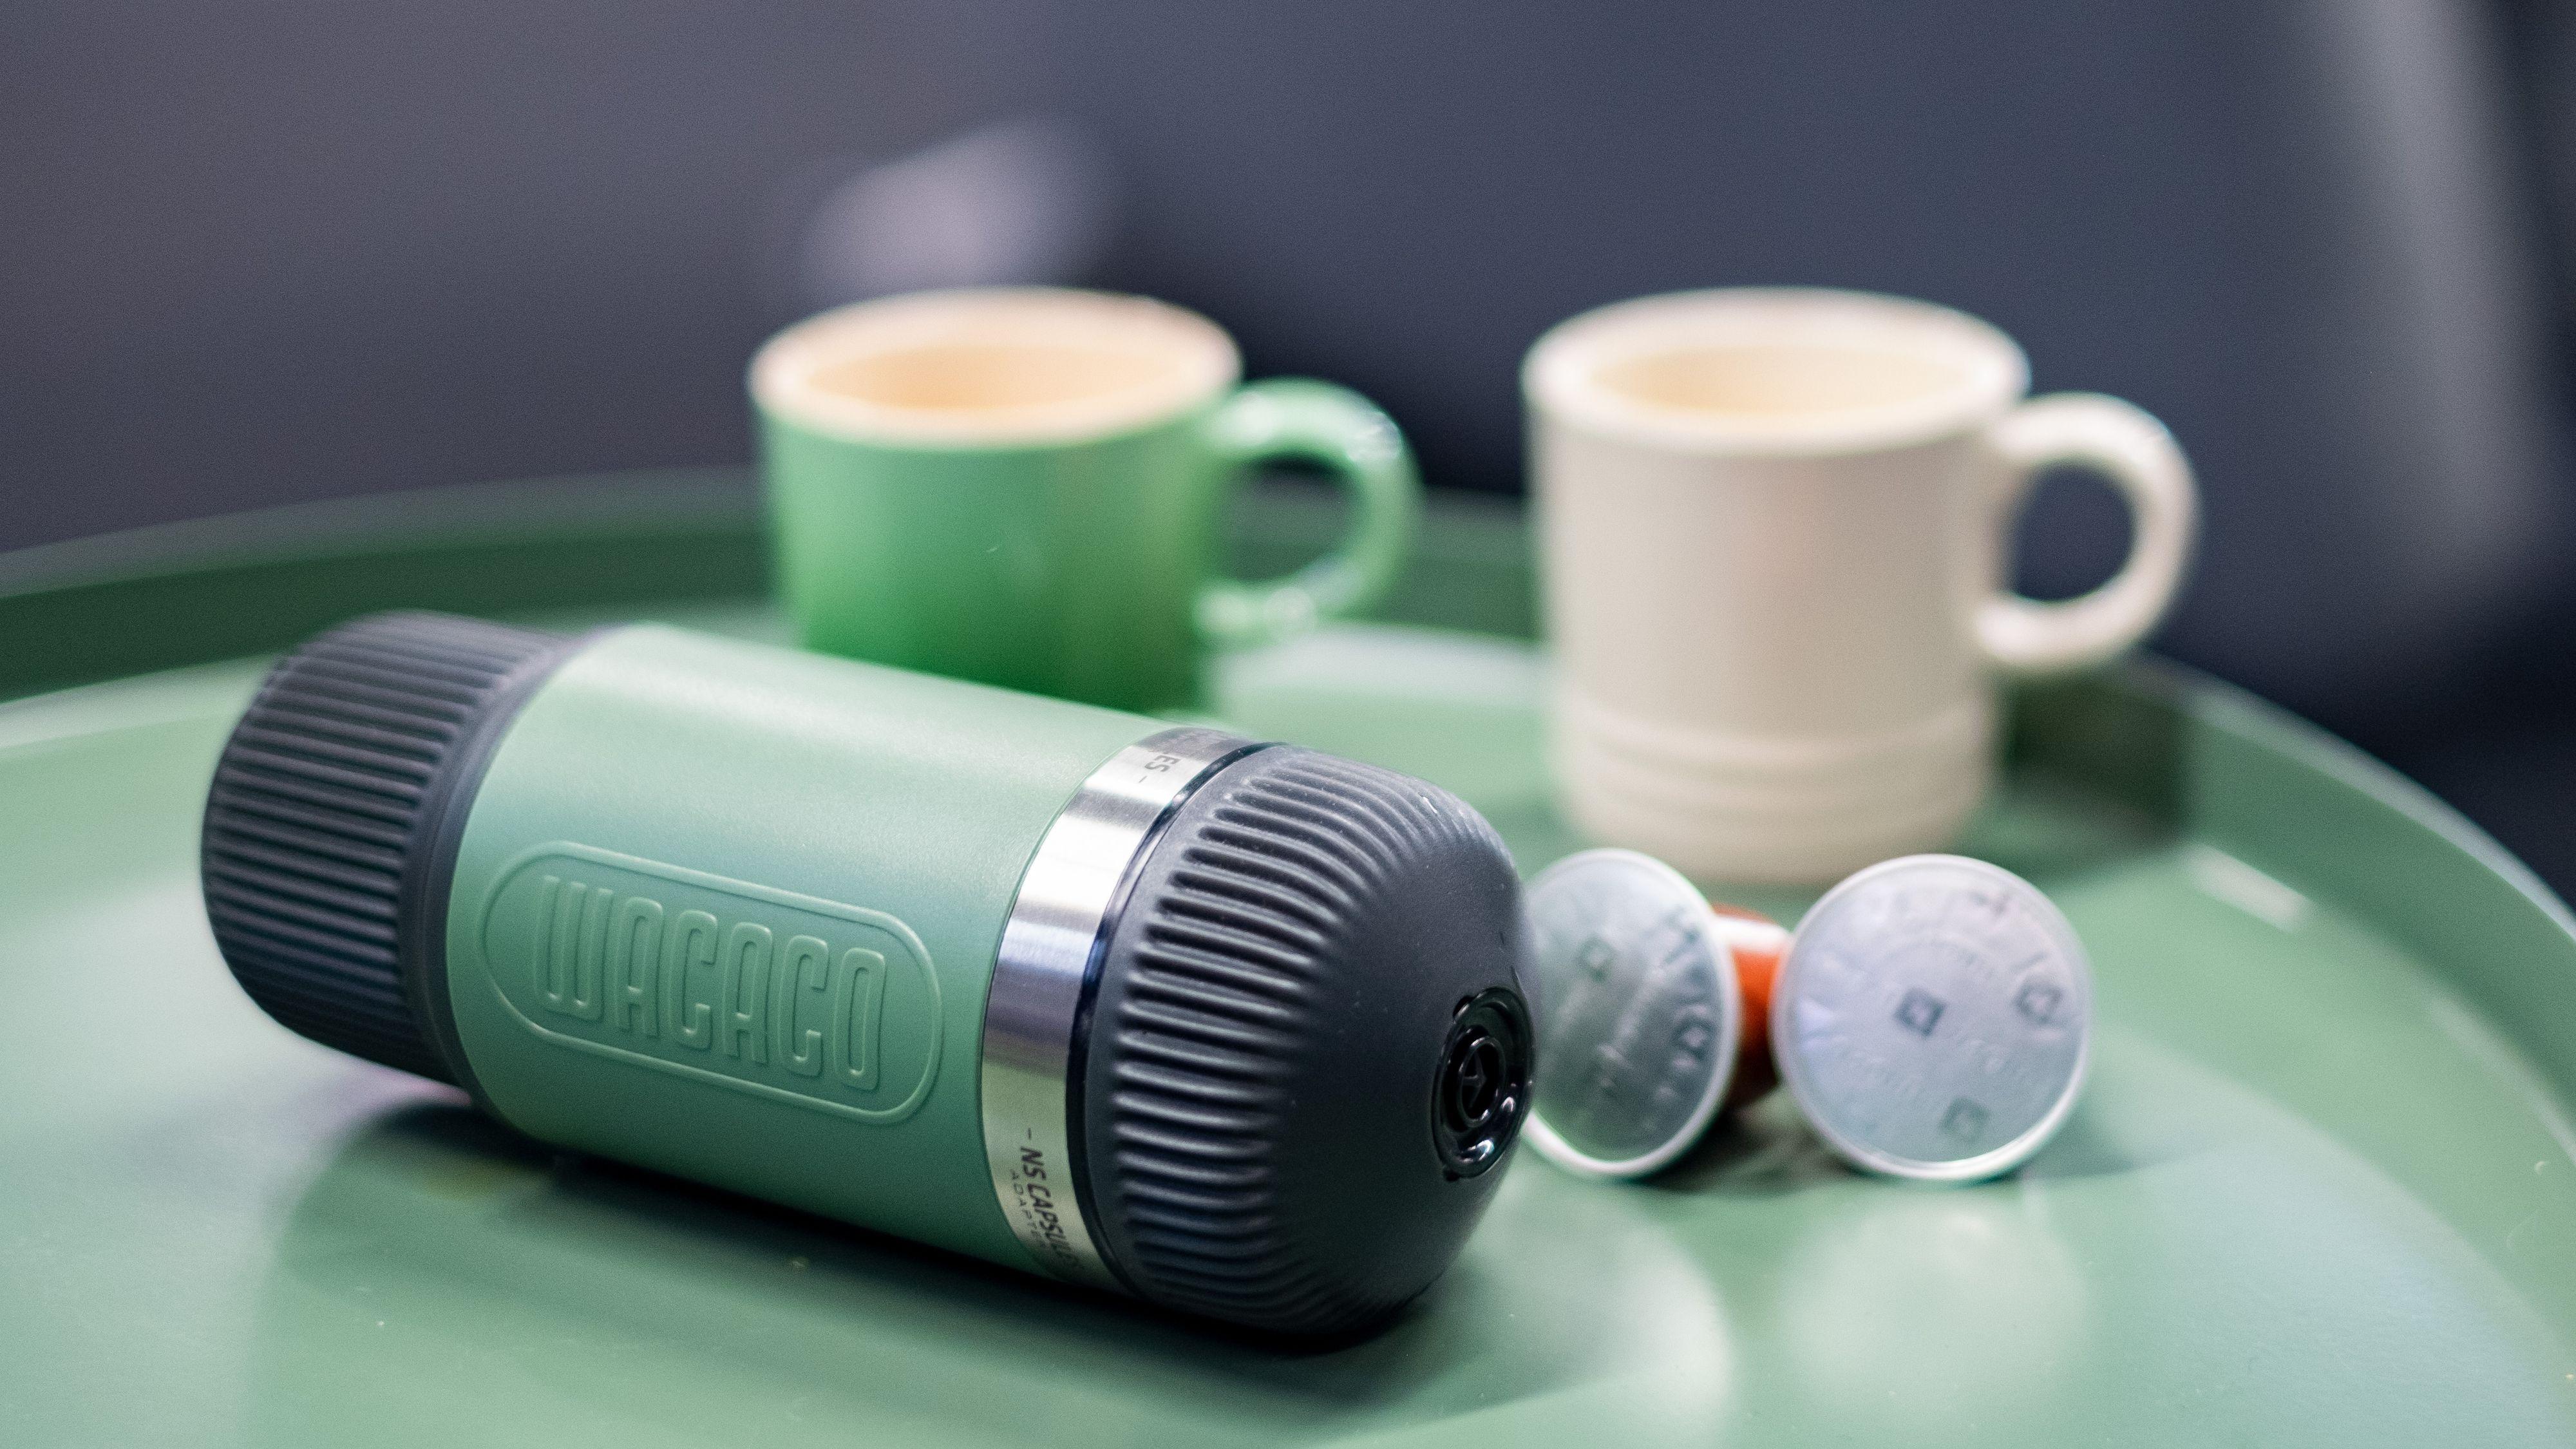 Den kompakte Nanopresso fungerer med malt espresso og Nespresso-kapsler.